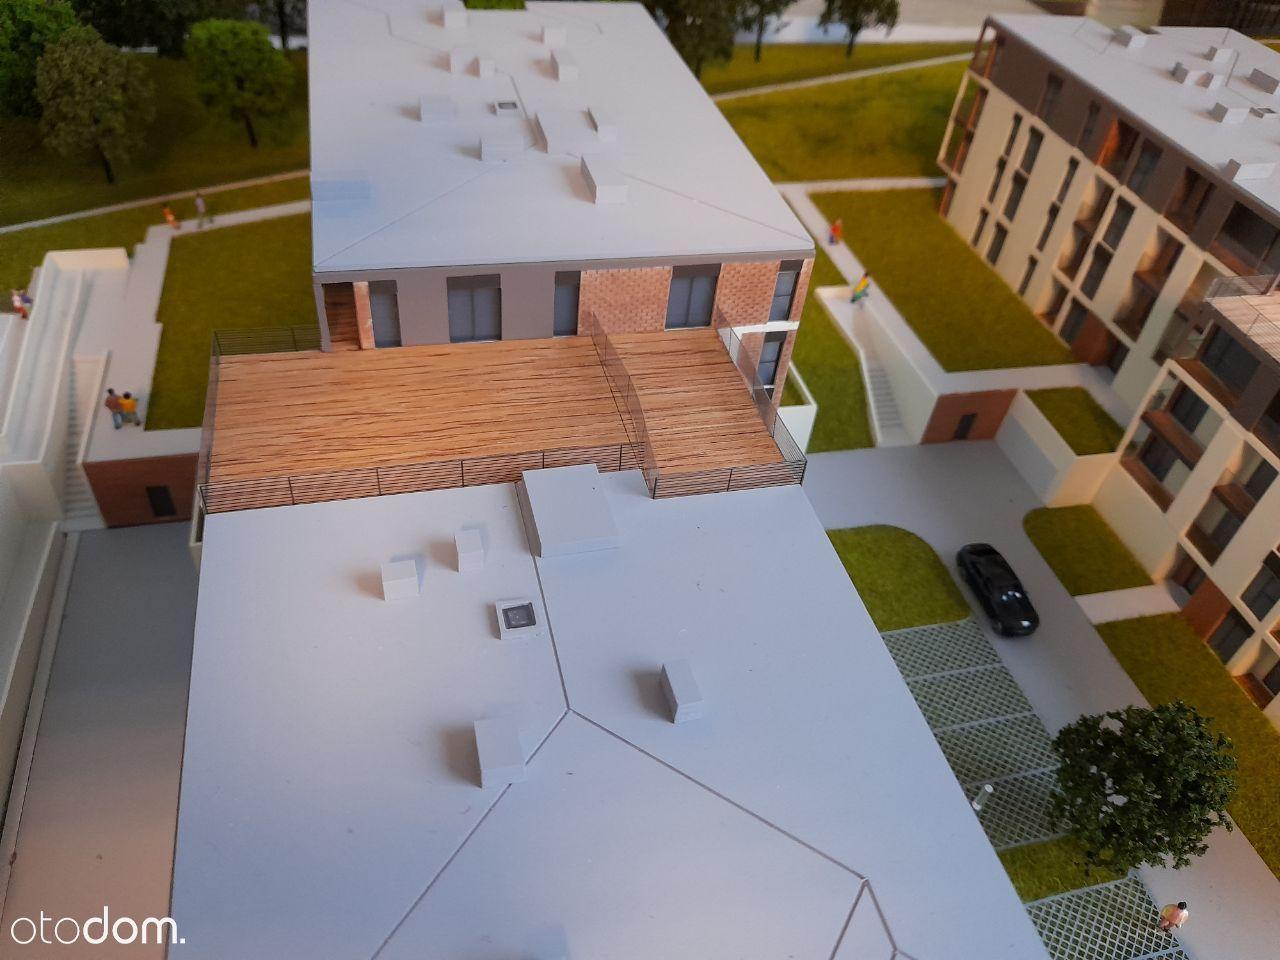 Jedyne takie M3 w mieście - Taras na dachu 90 m2